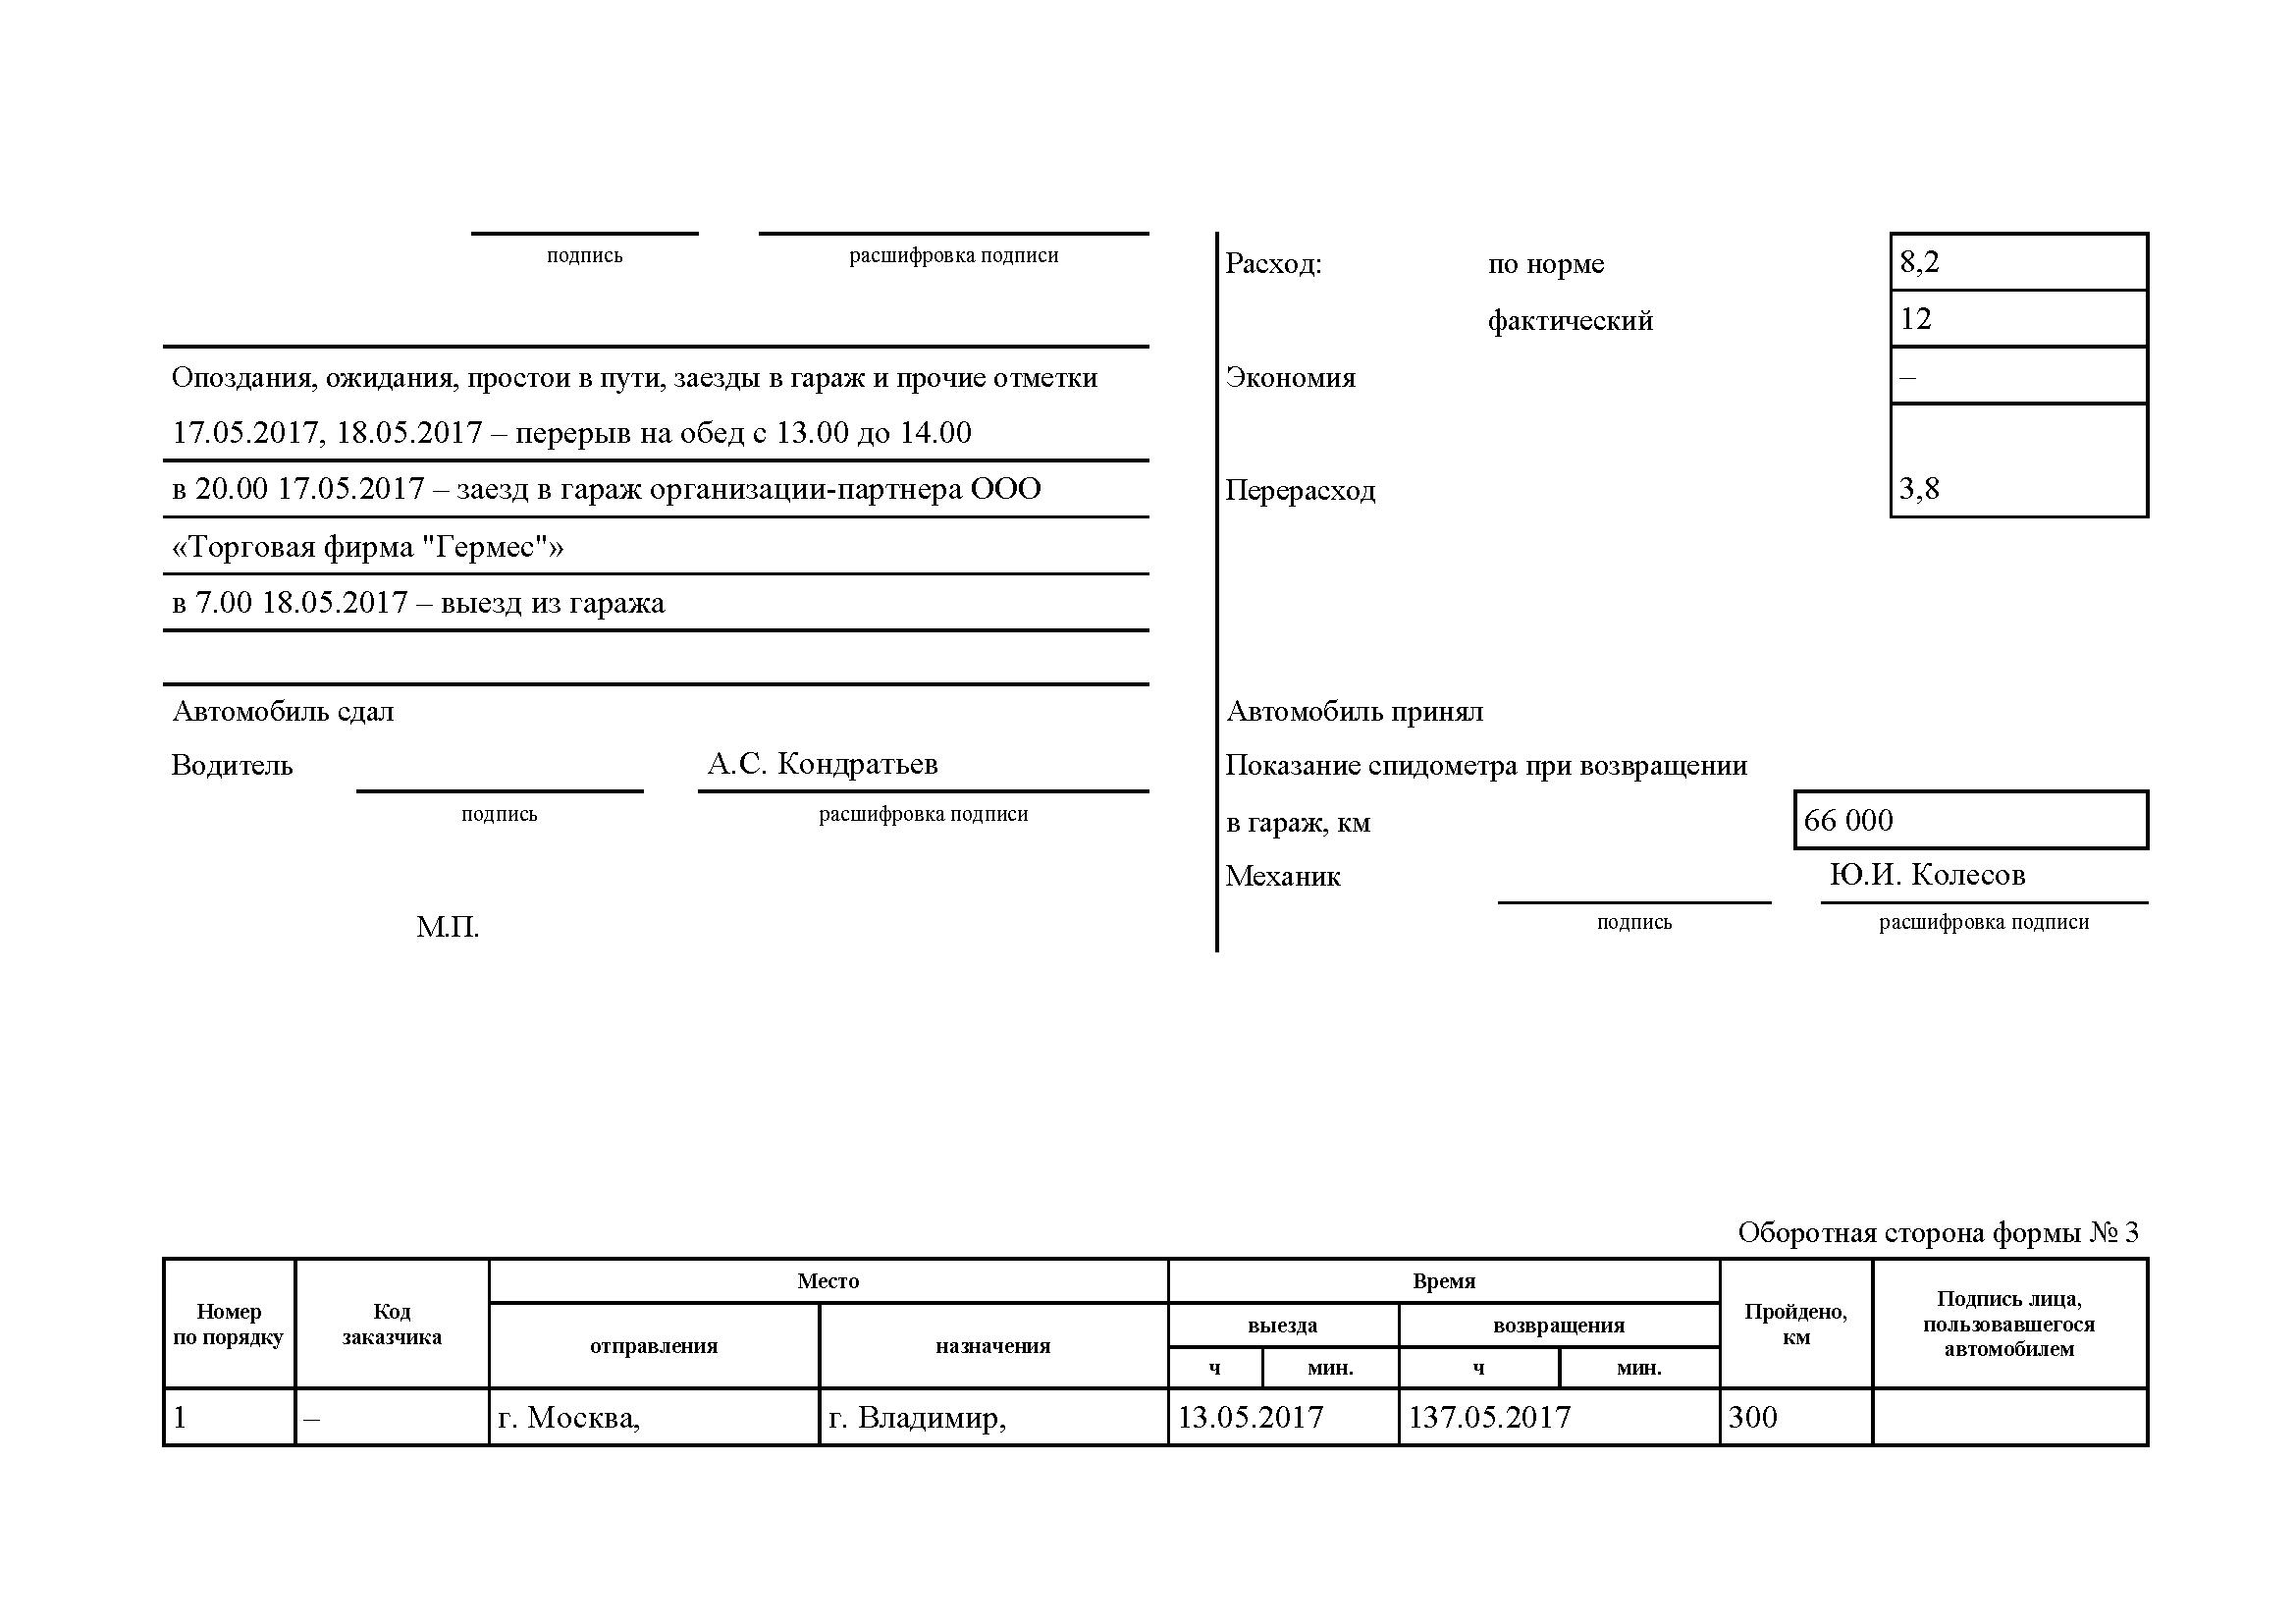 образец заполнения путевой лист на месяц